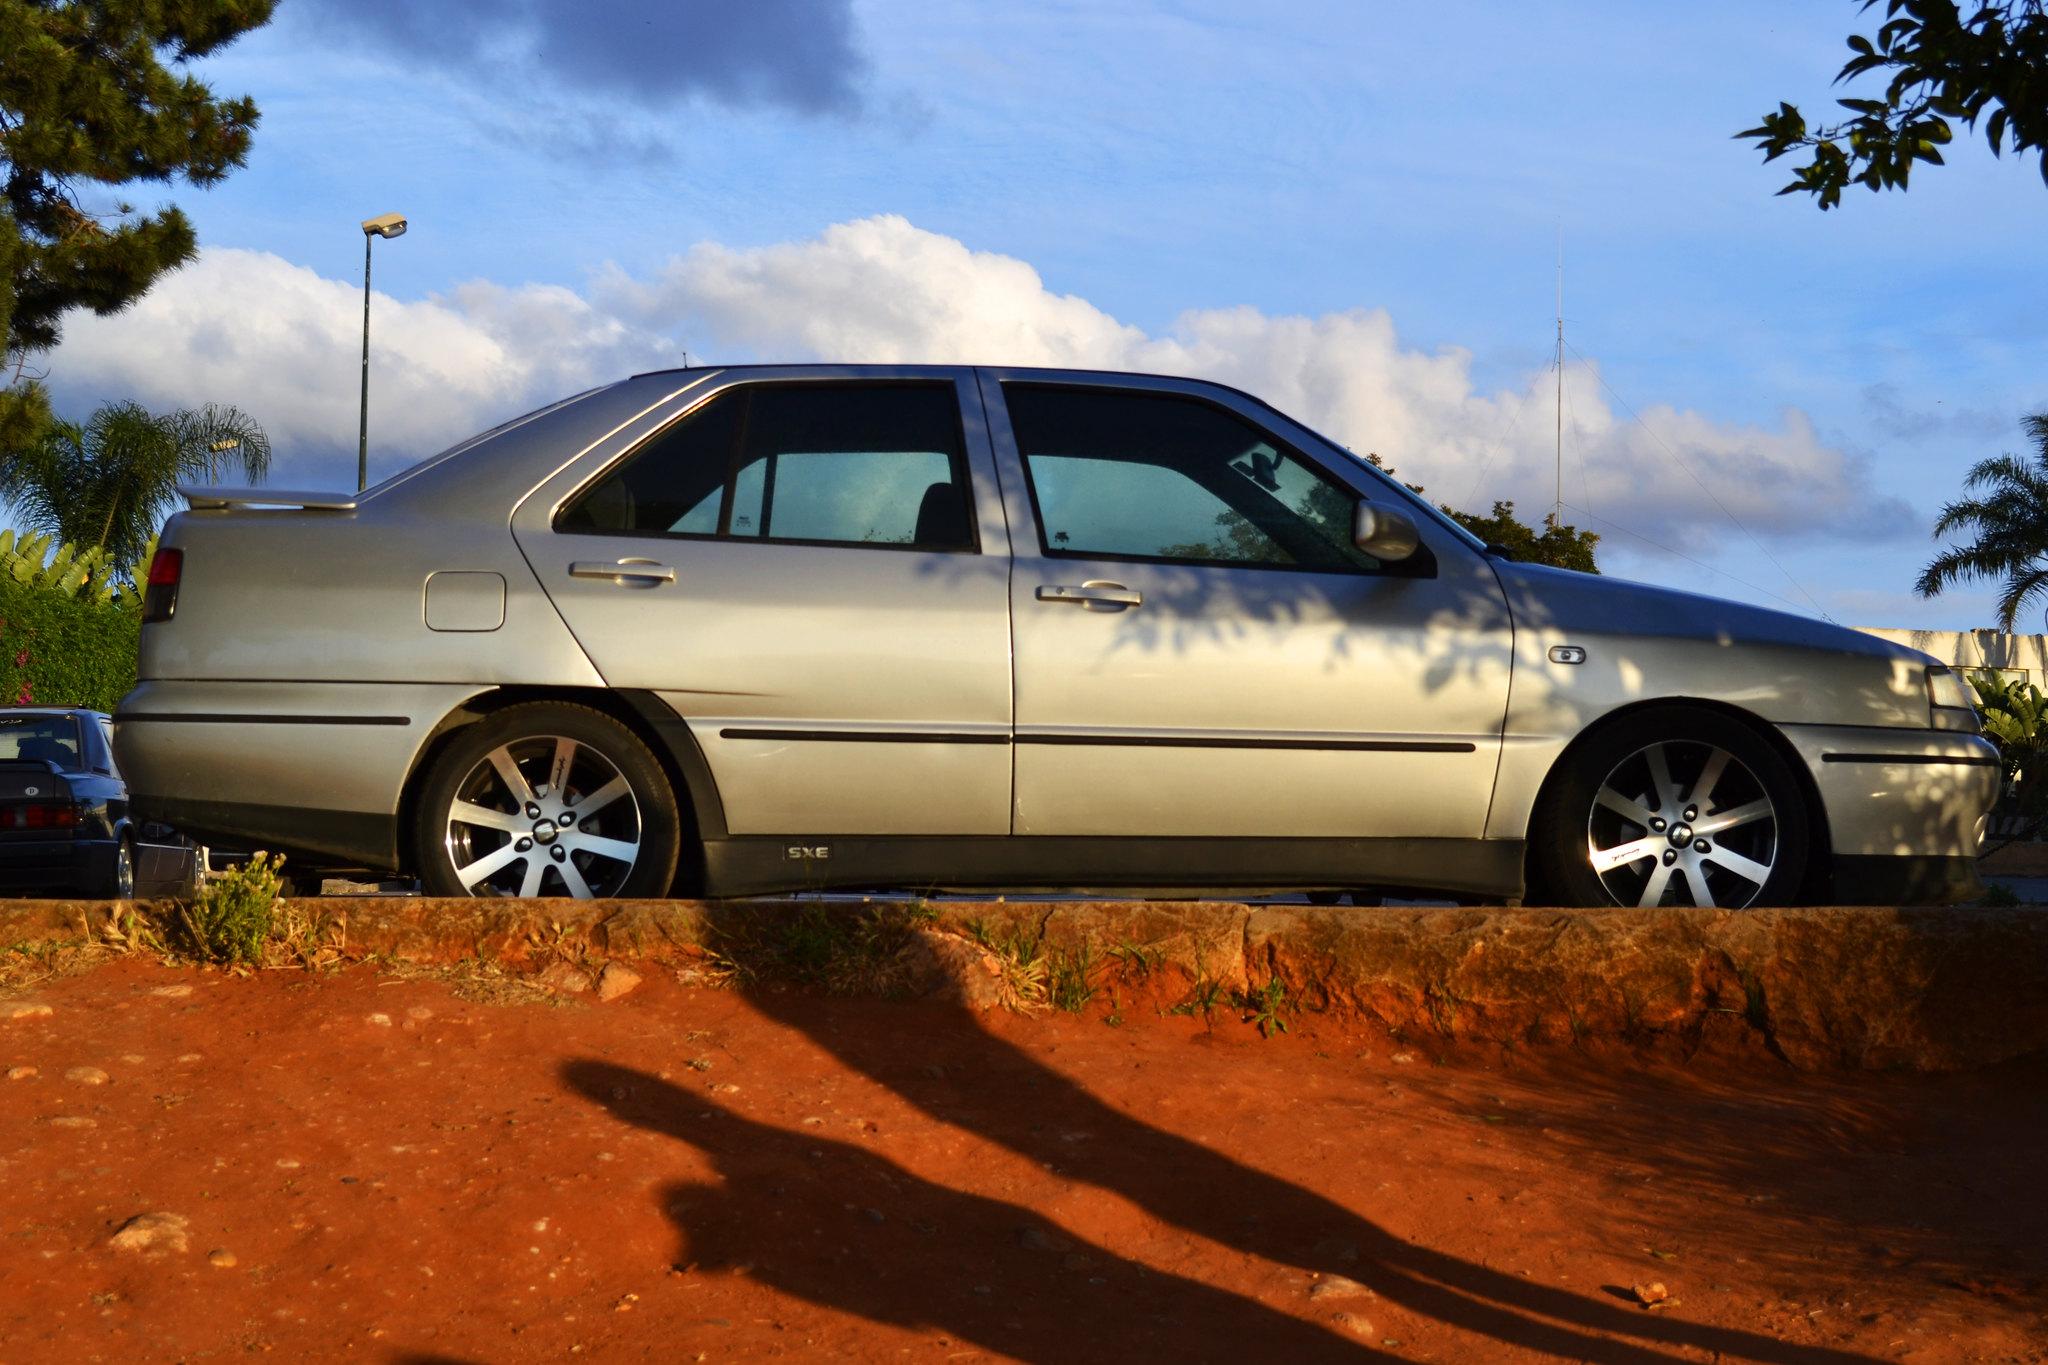 [Goa] Seat Toledo 1L 1.8i 8v 90chx SXE - Page 7 7267030782_f73e25afb4_k